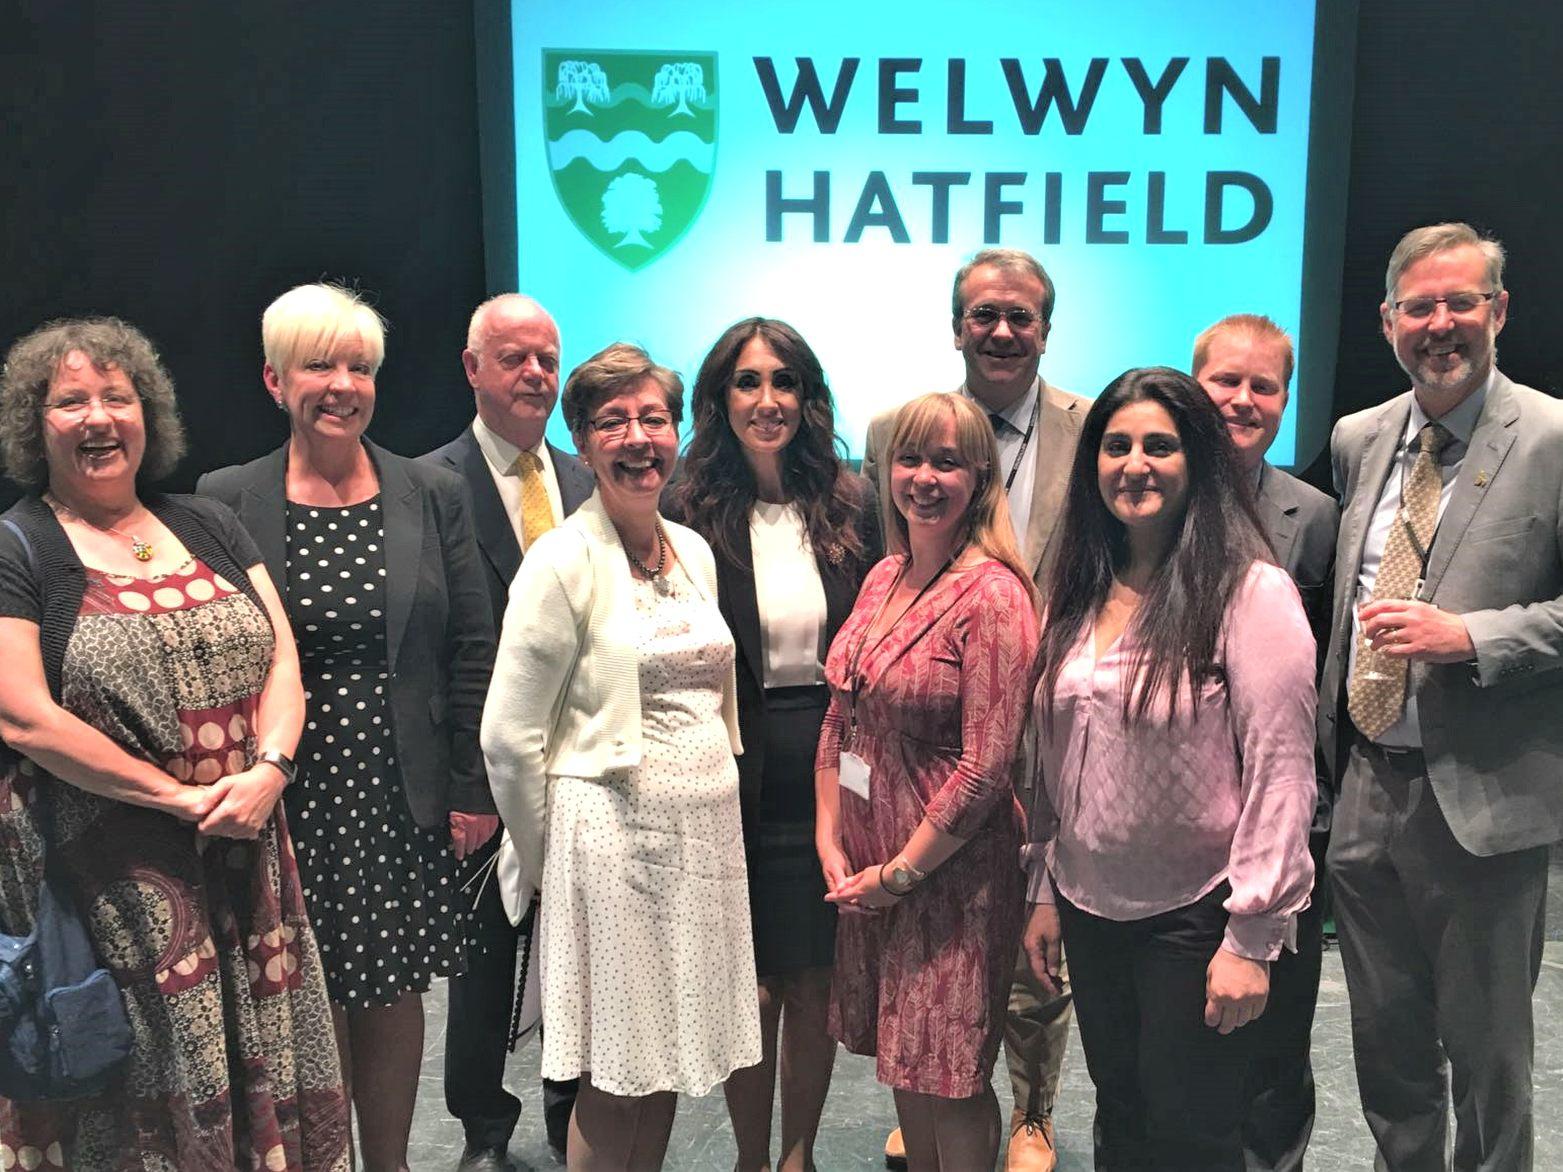 SUCCESS STORY: Welwyn Hatfield Lib Dems celebrate outstanding results